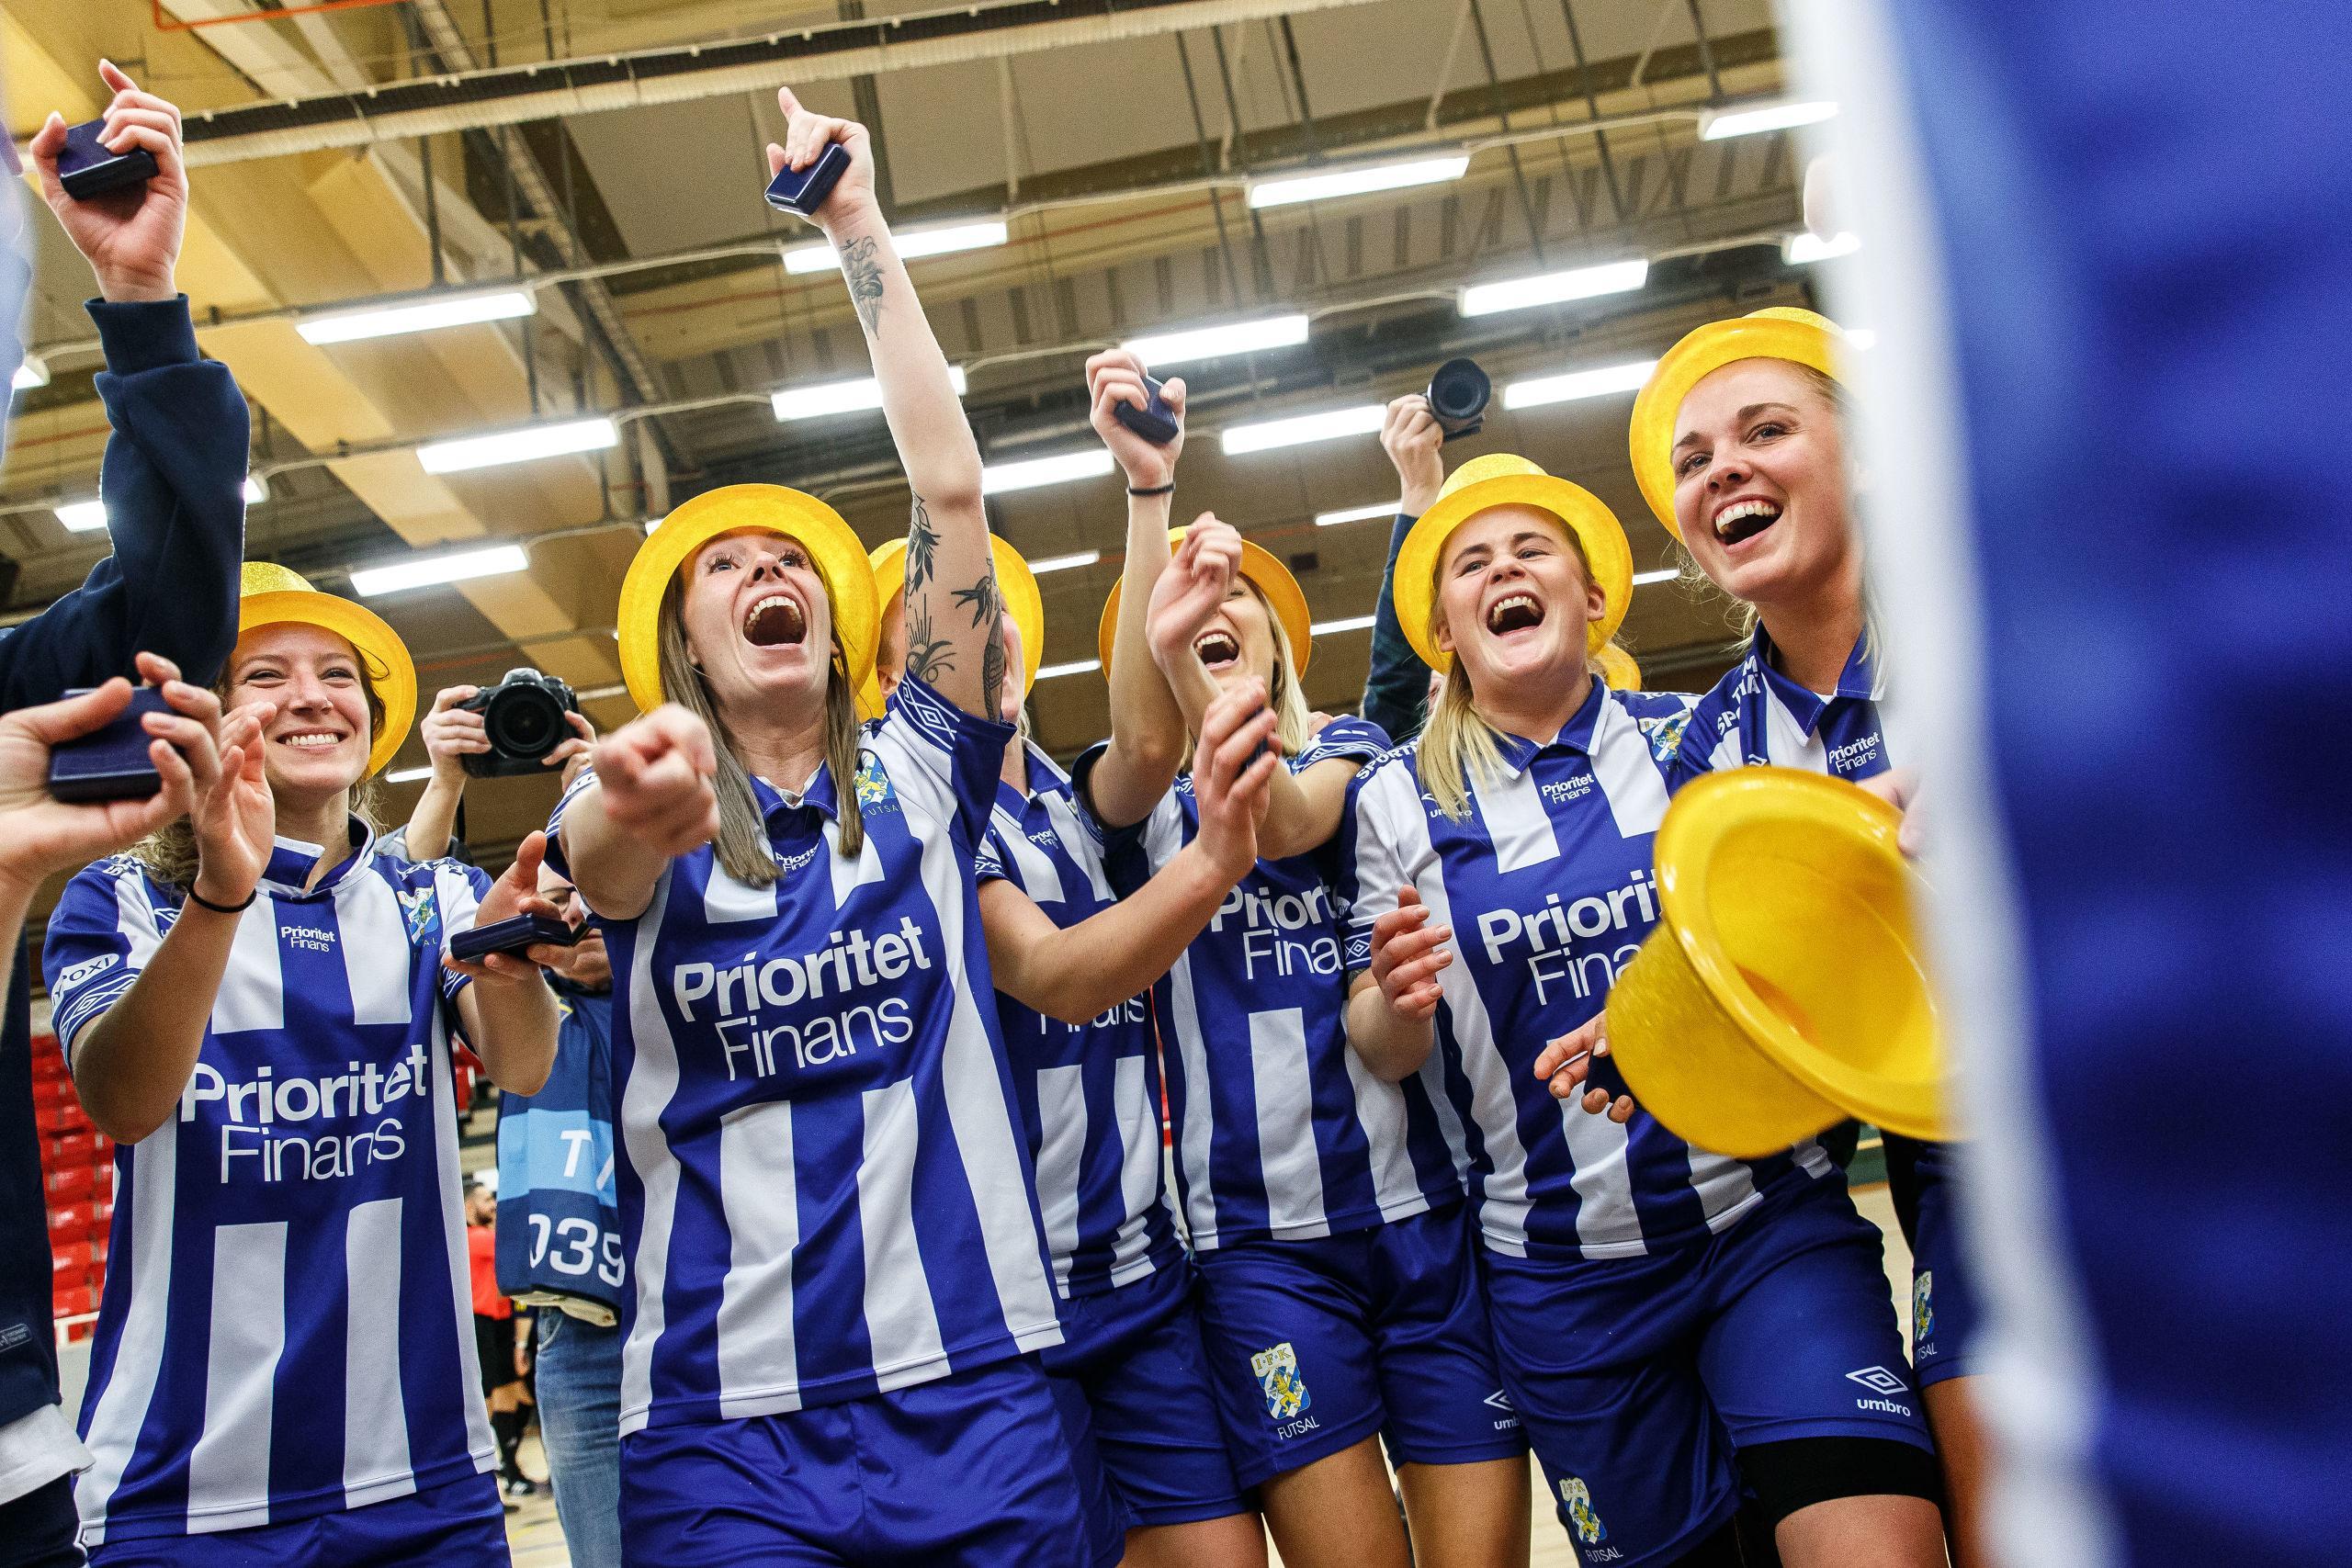 IFK Göteborg mästare i futsal – efter förlängningsdramatik